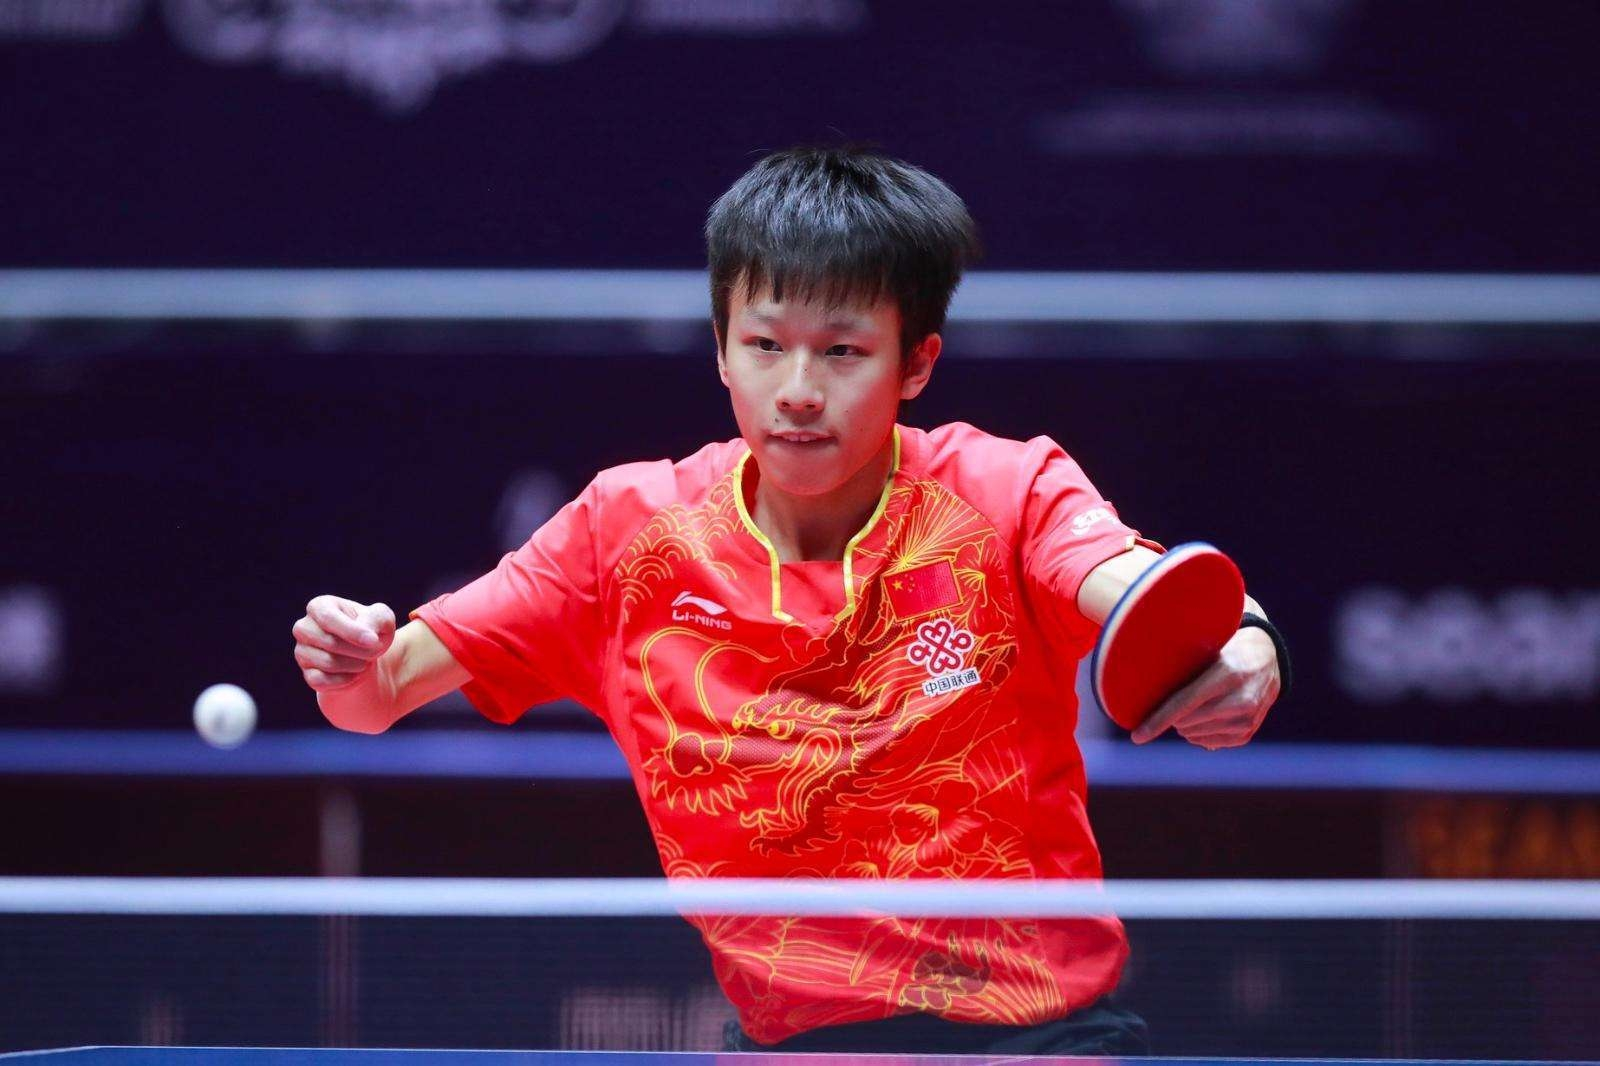 2020年东京奥运会,若是林高远遇上张本智和,战况会如何